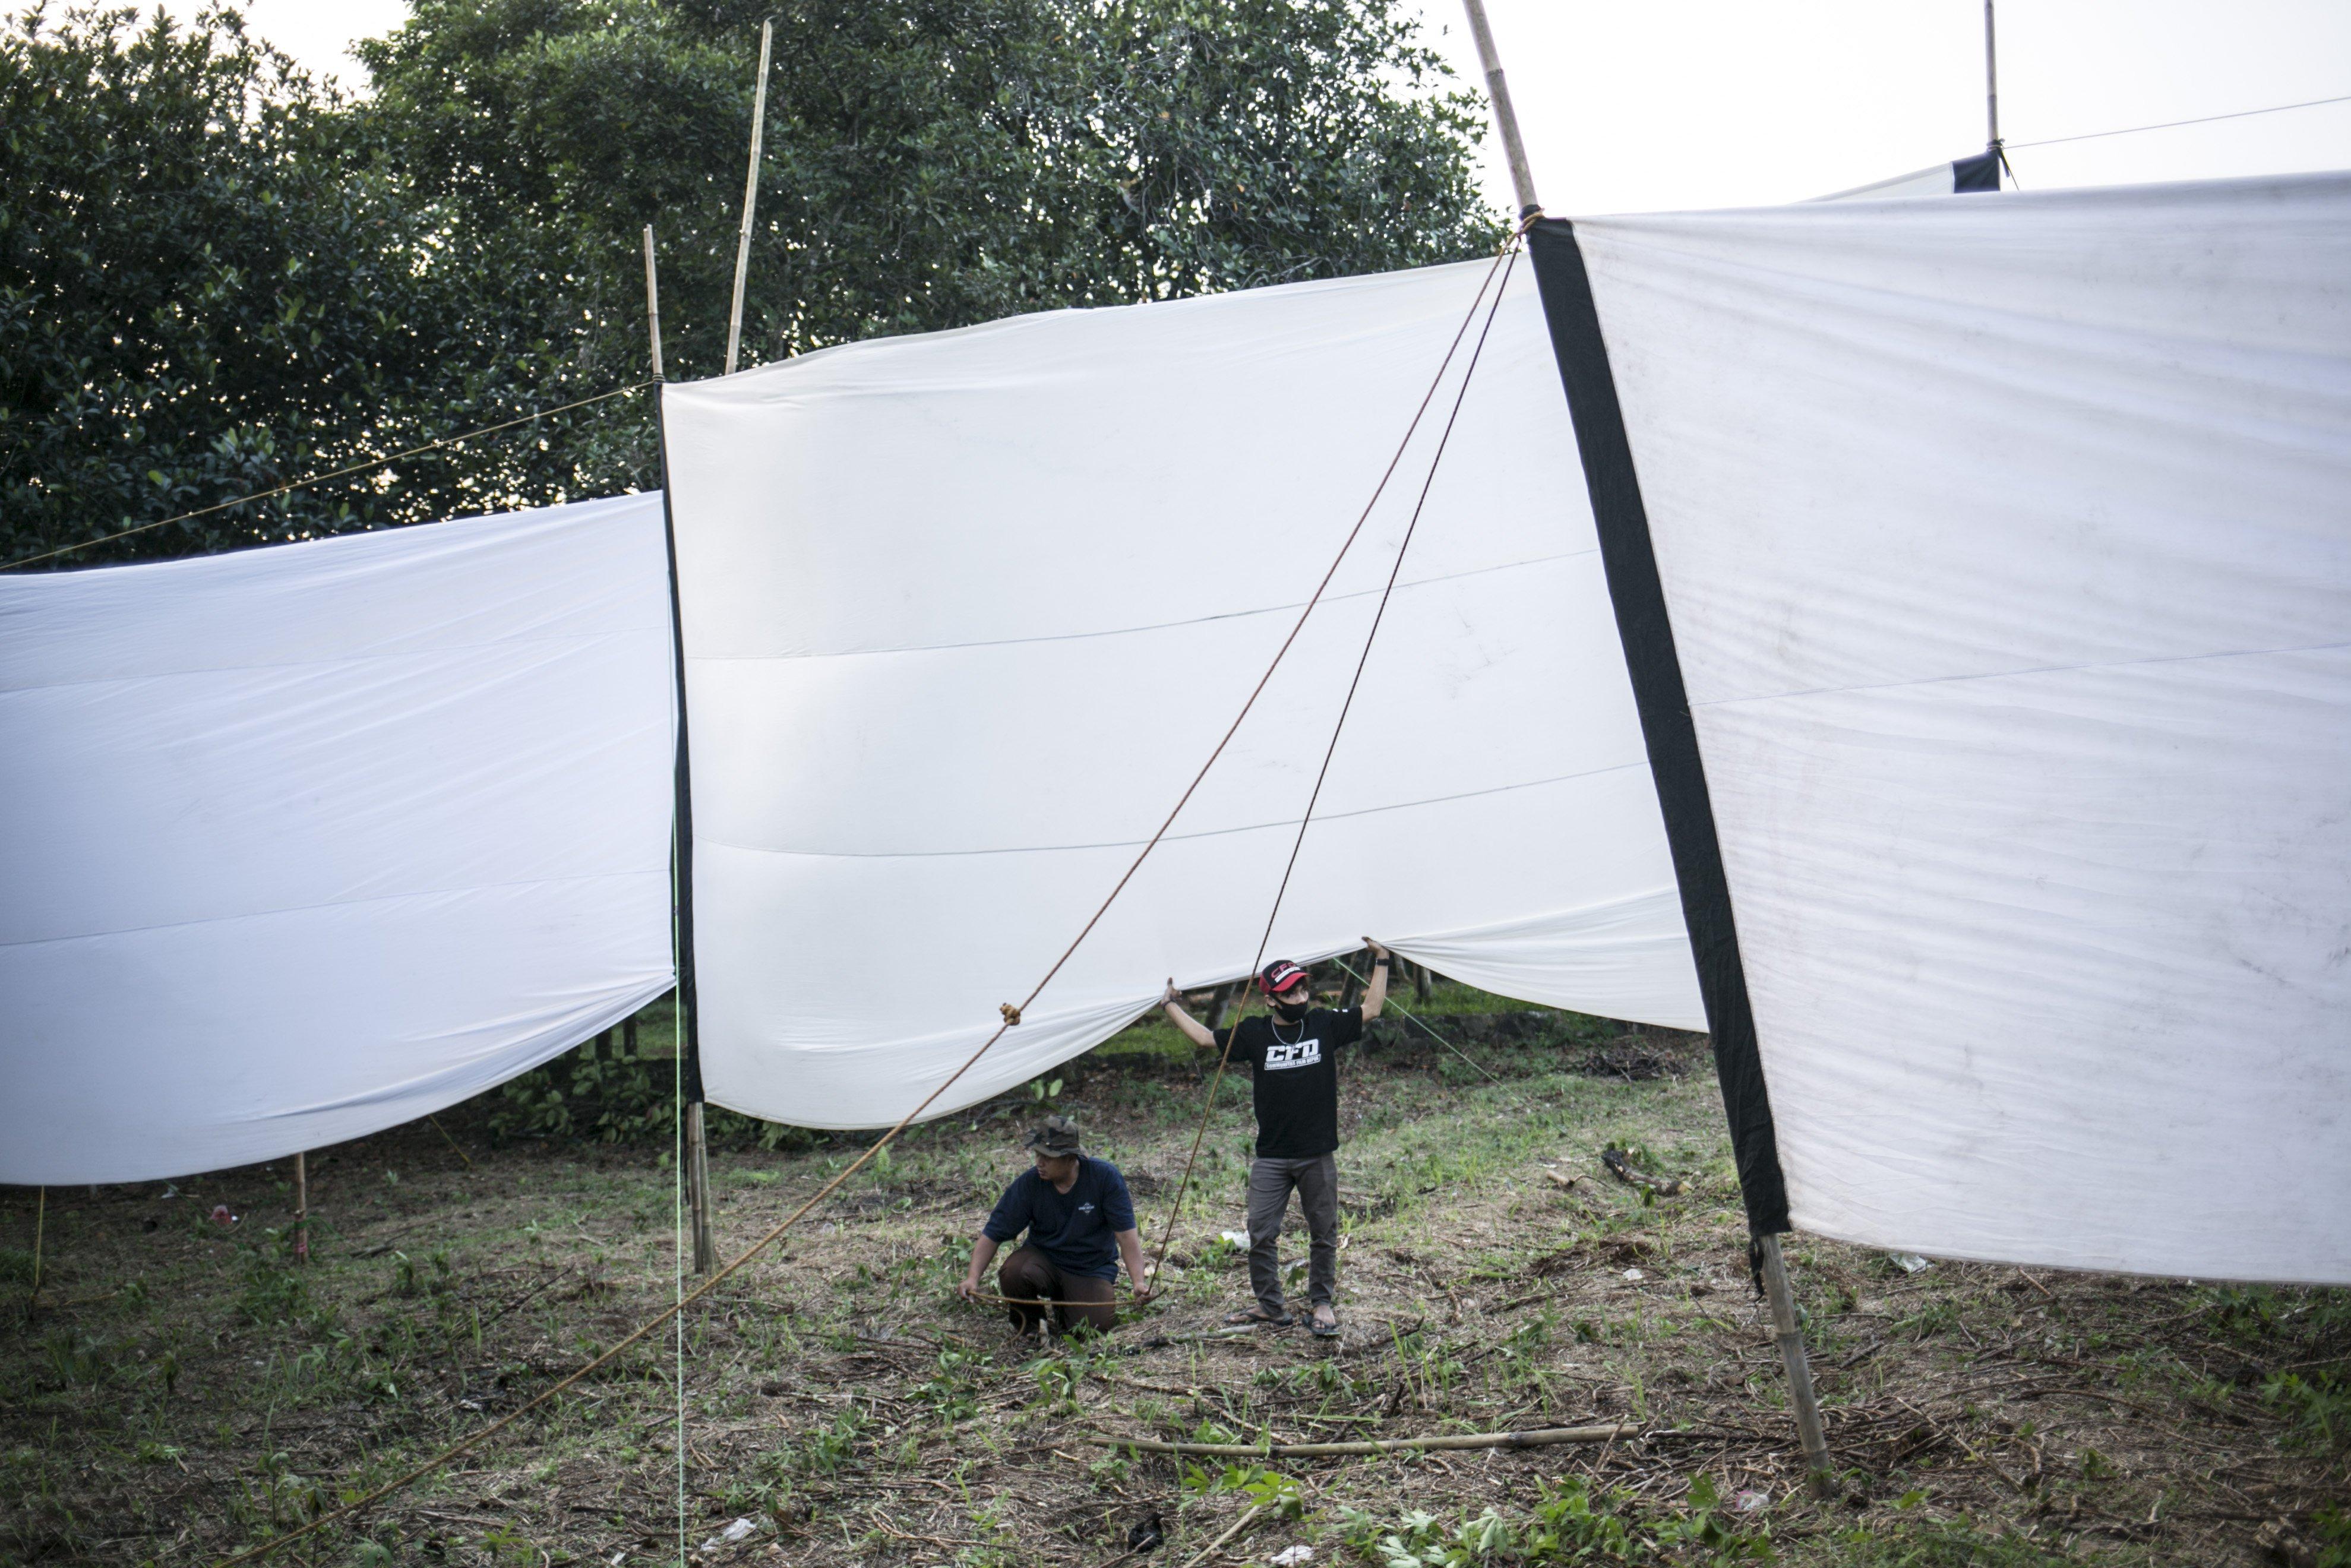 Teknisi menyiapkan layar putih untuk pemutaran film di Kawasan Sawangan, Depok, Jawa Barat, Sabtu (11/7/2020).